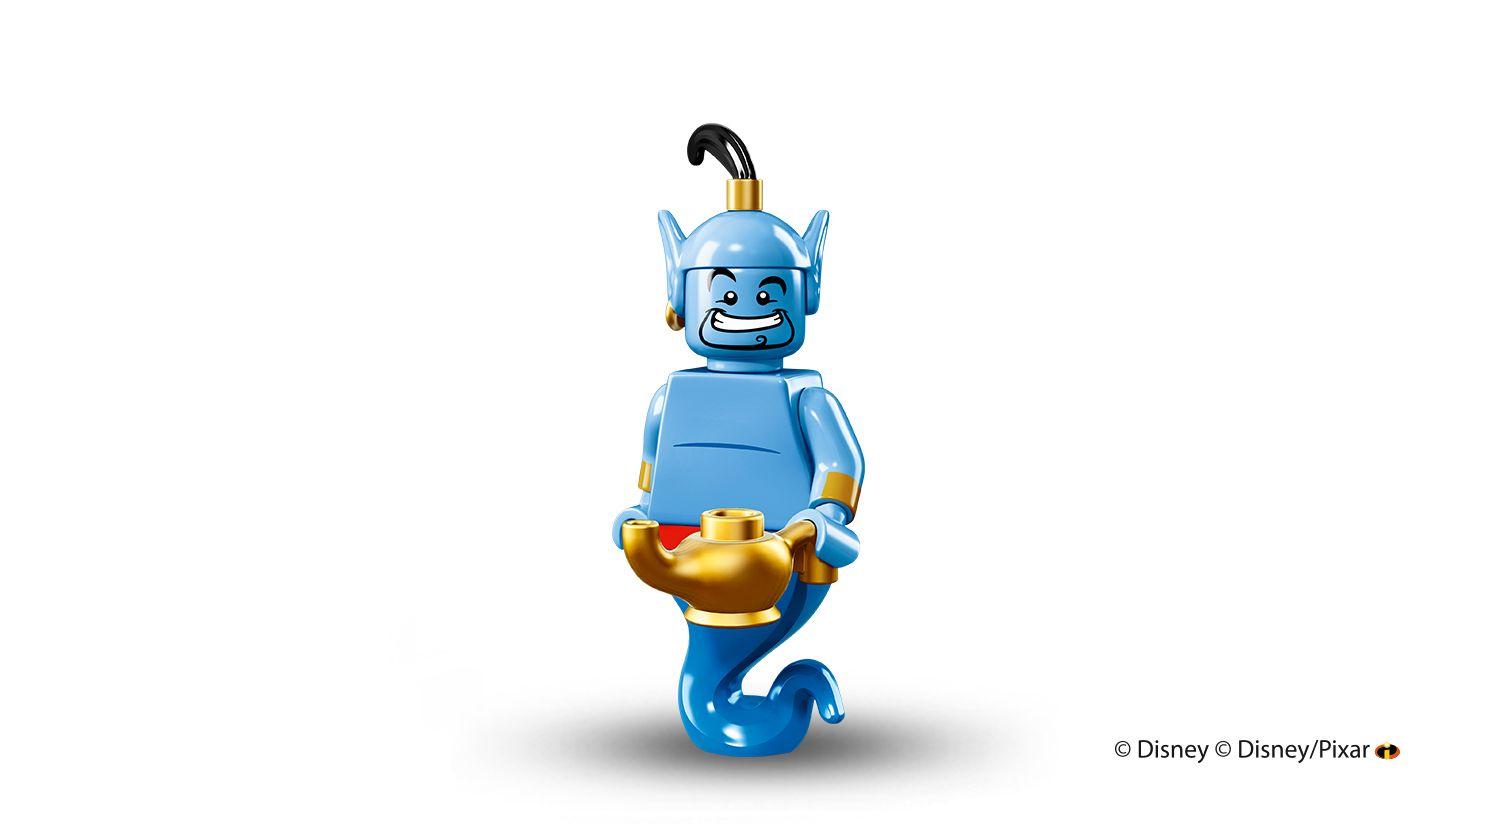 LEGO Disney Minifigures Images Revealed